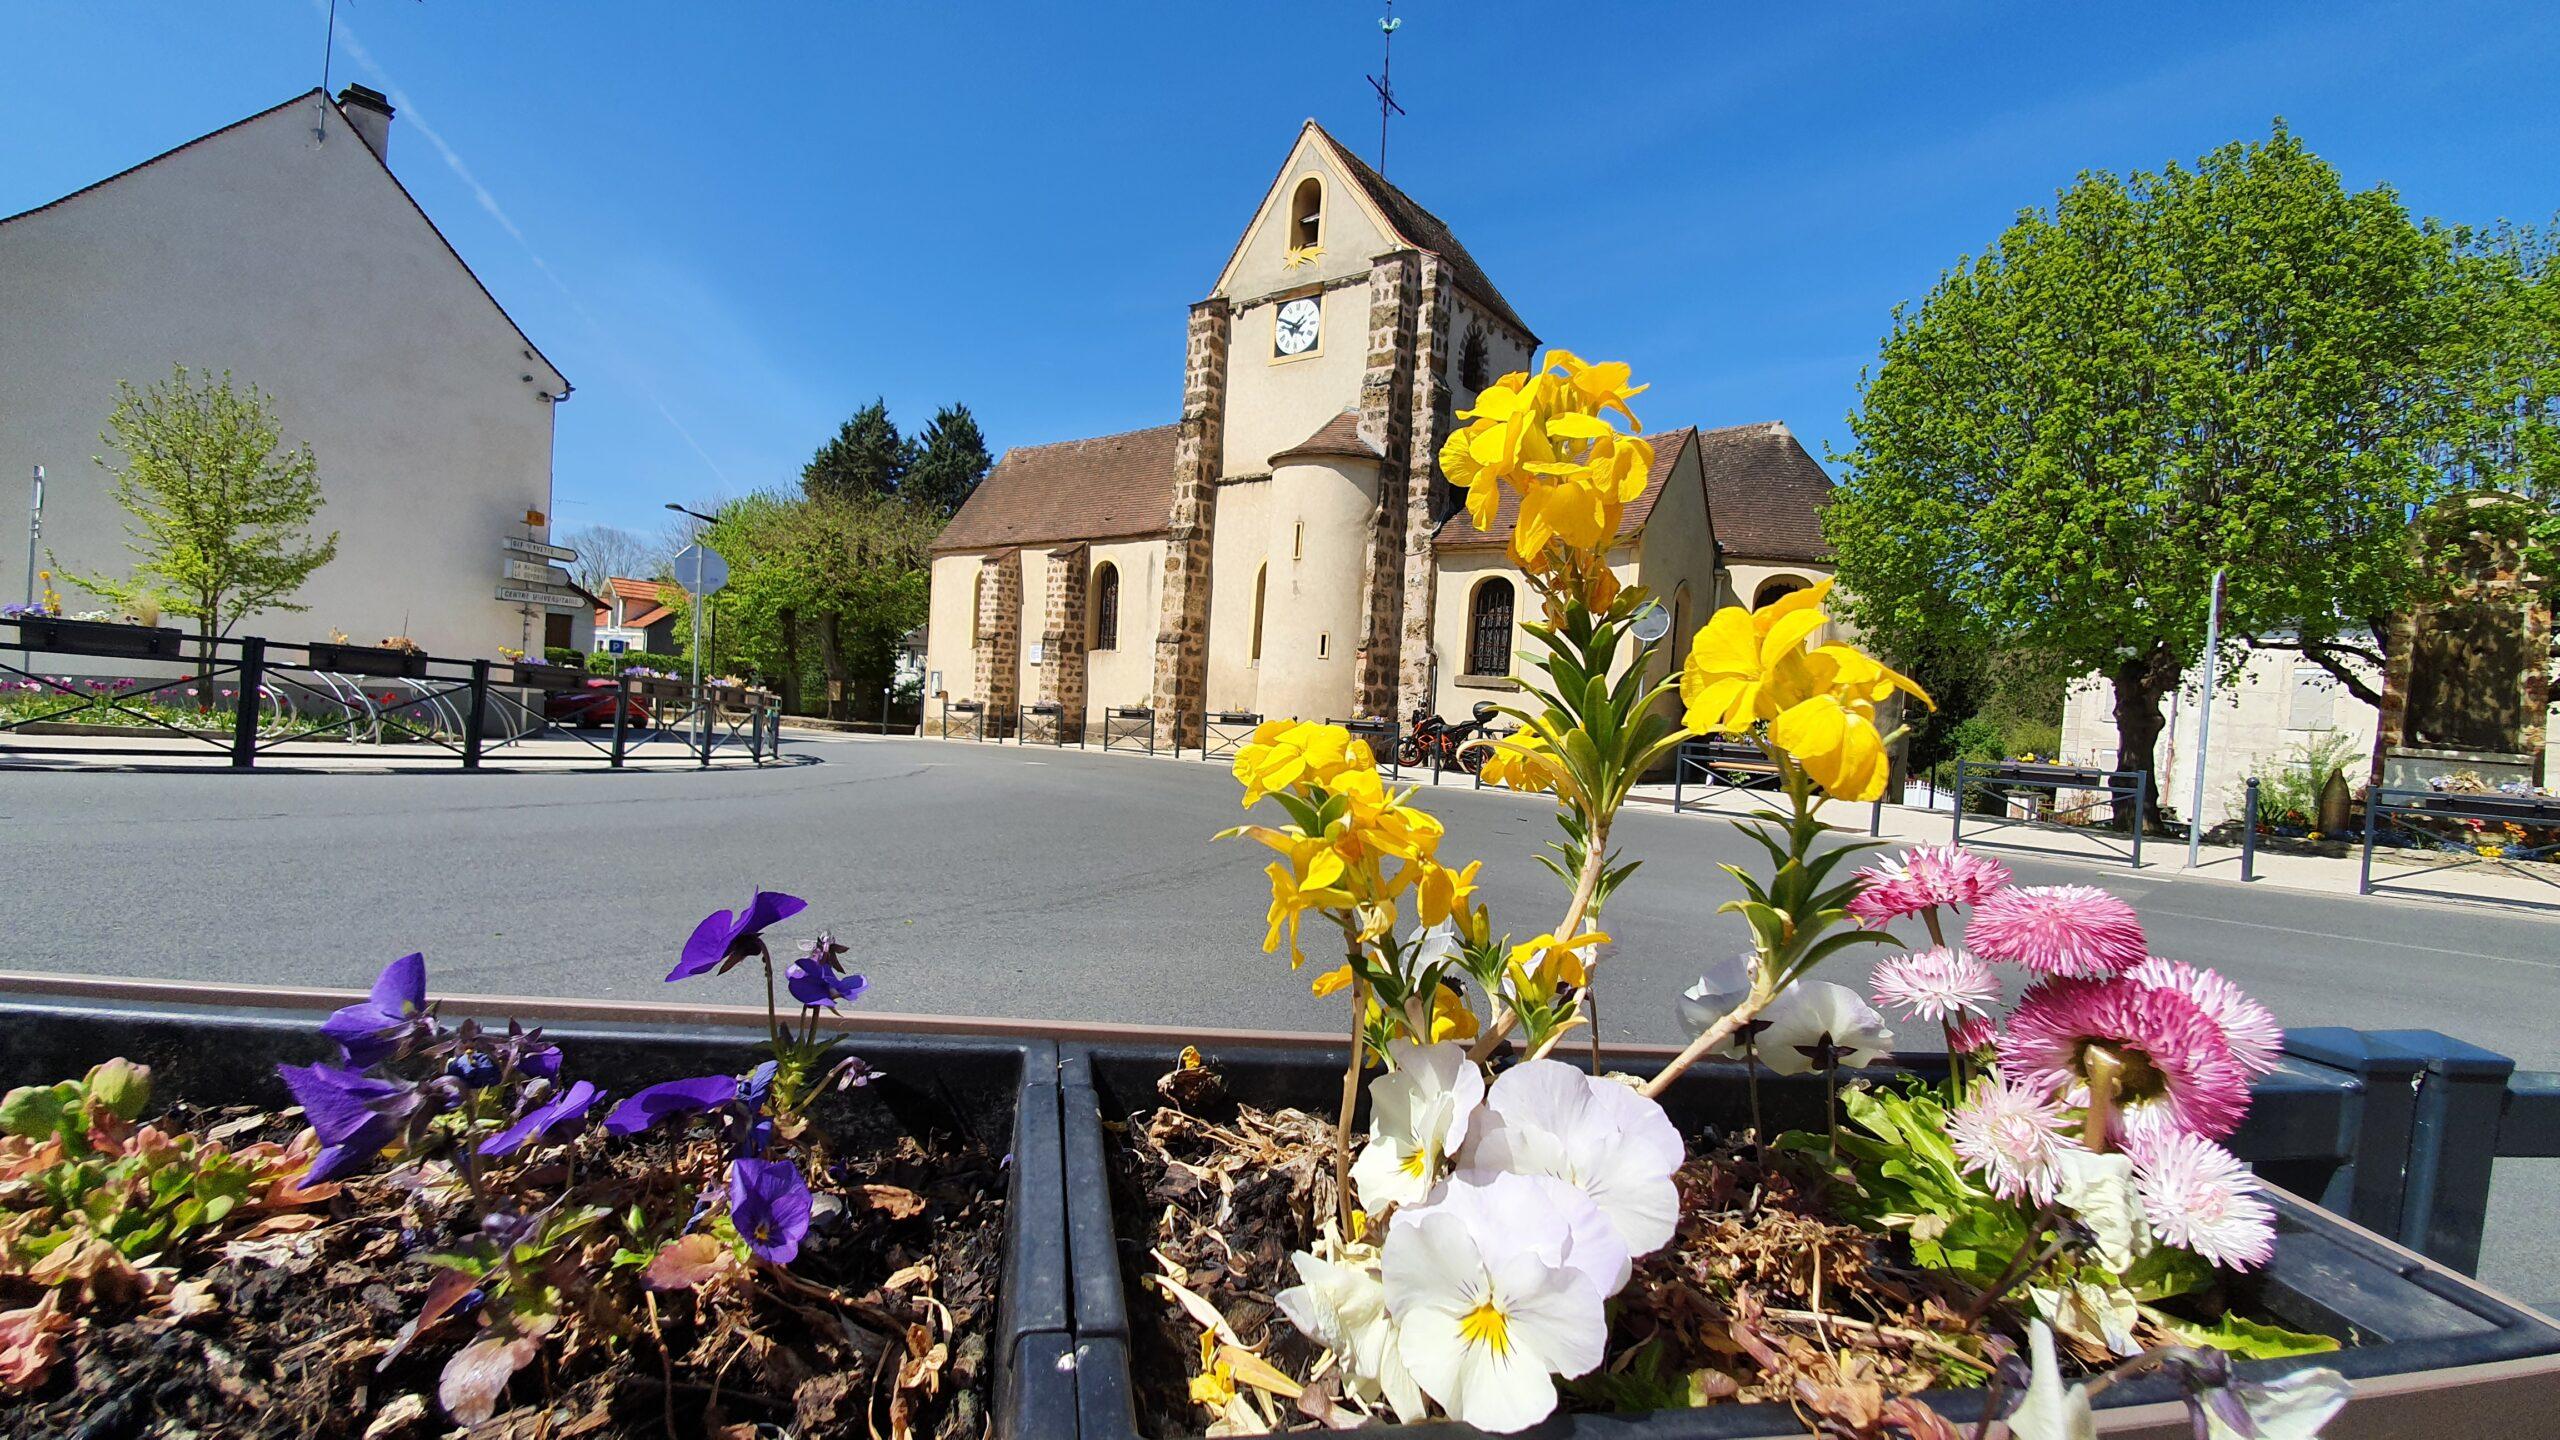 Eglise Saint-Matthieu, bures sur Yvette - Ma Petite Banlieue